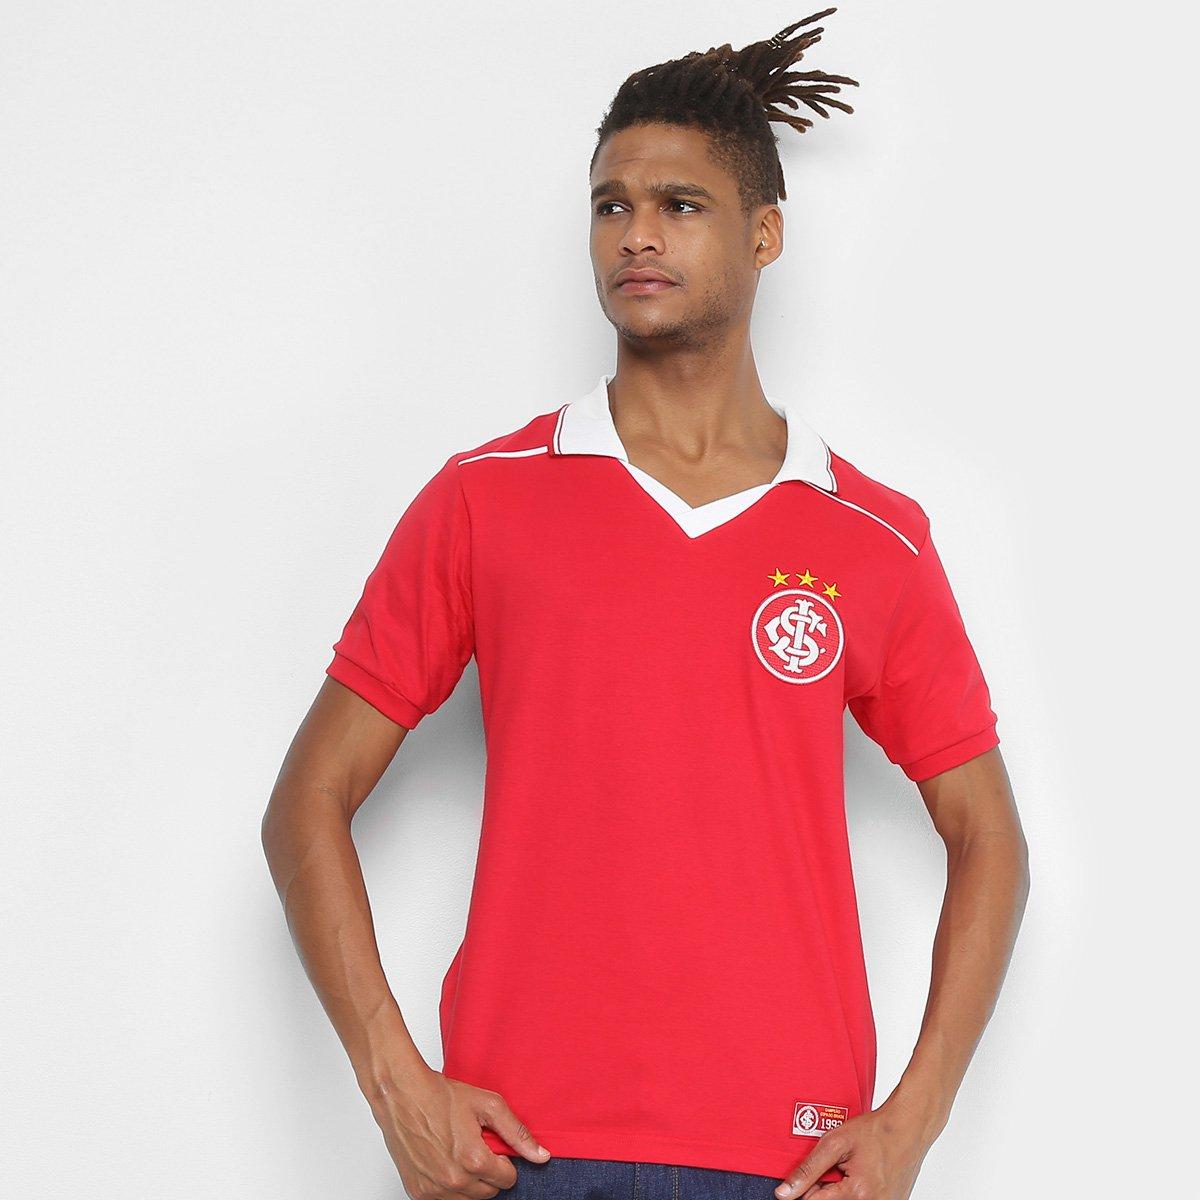 81cd7373d63 Camiseta Internacional Retrô Mania 1992 Masculina - Vermelho - Compre Agora